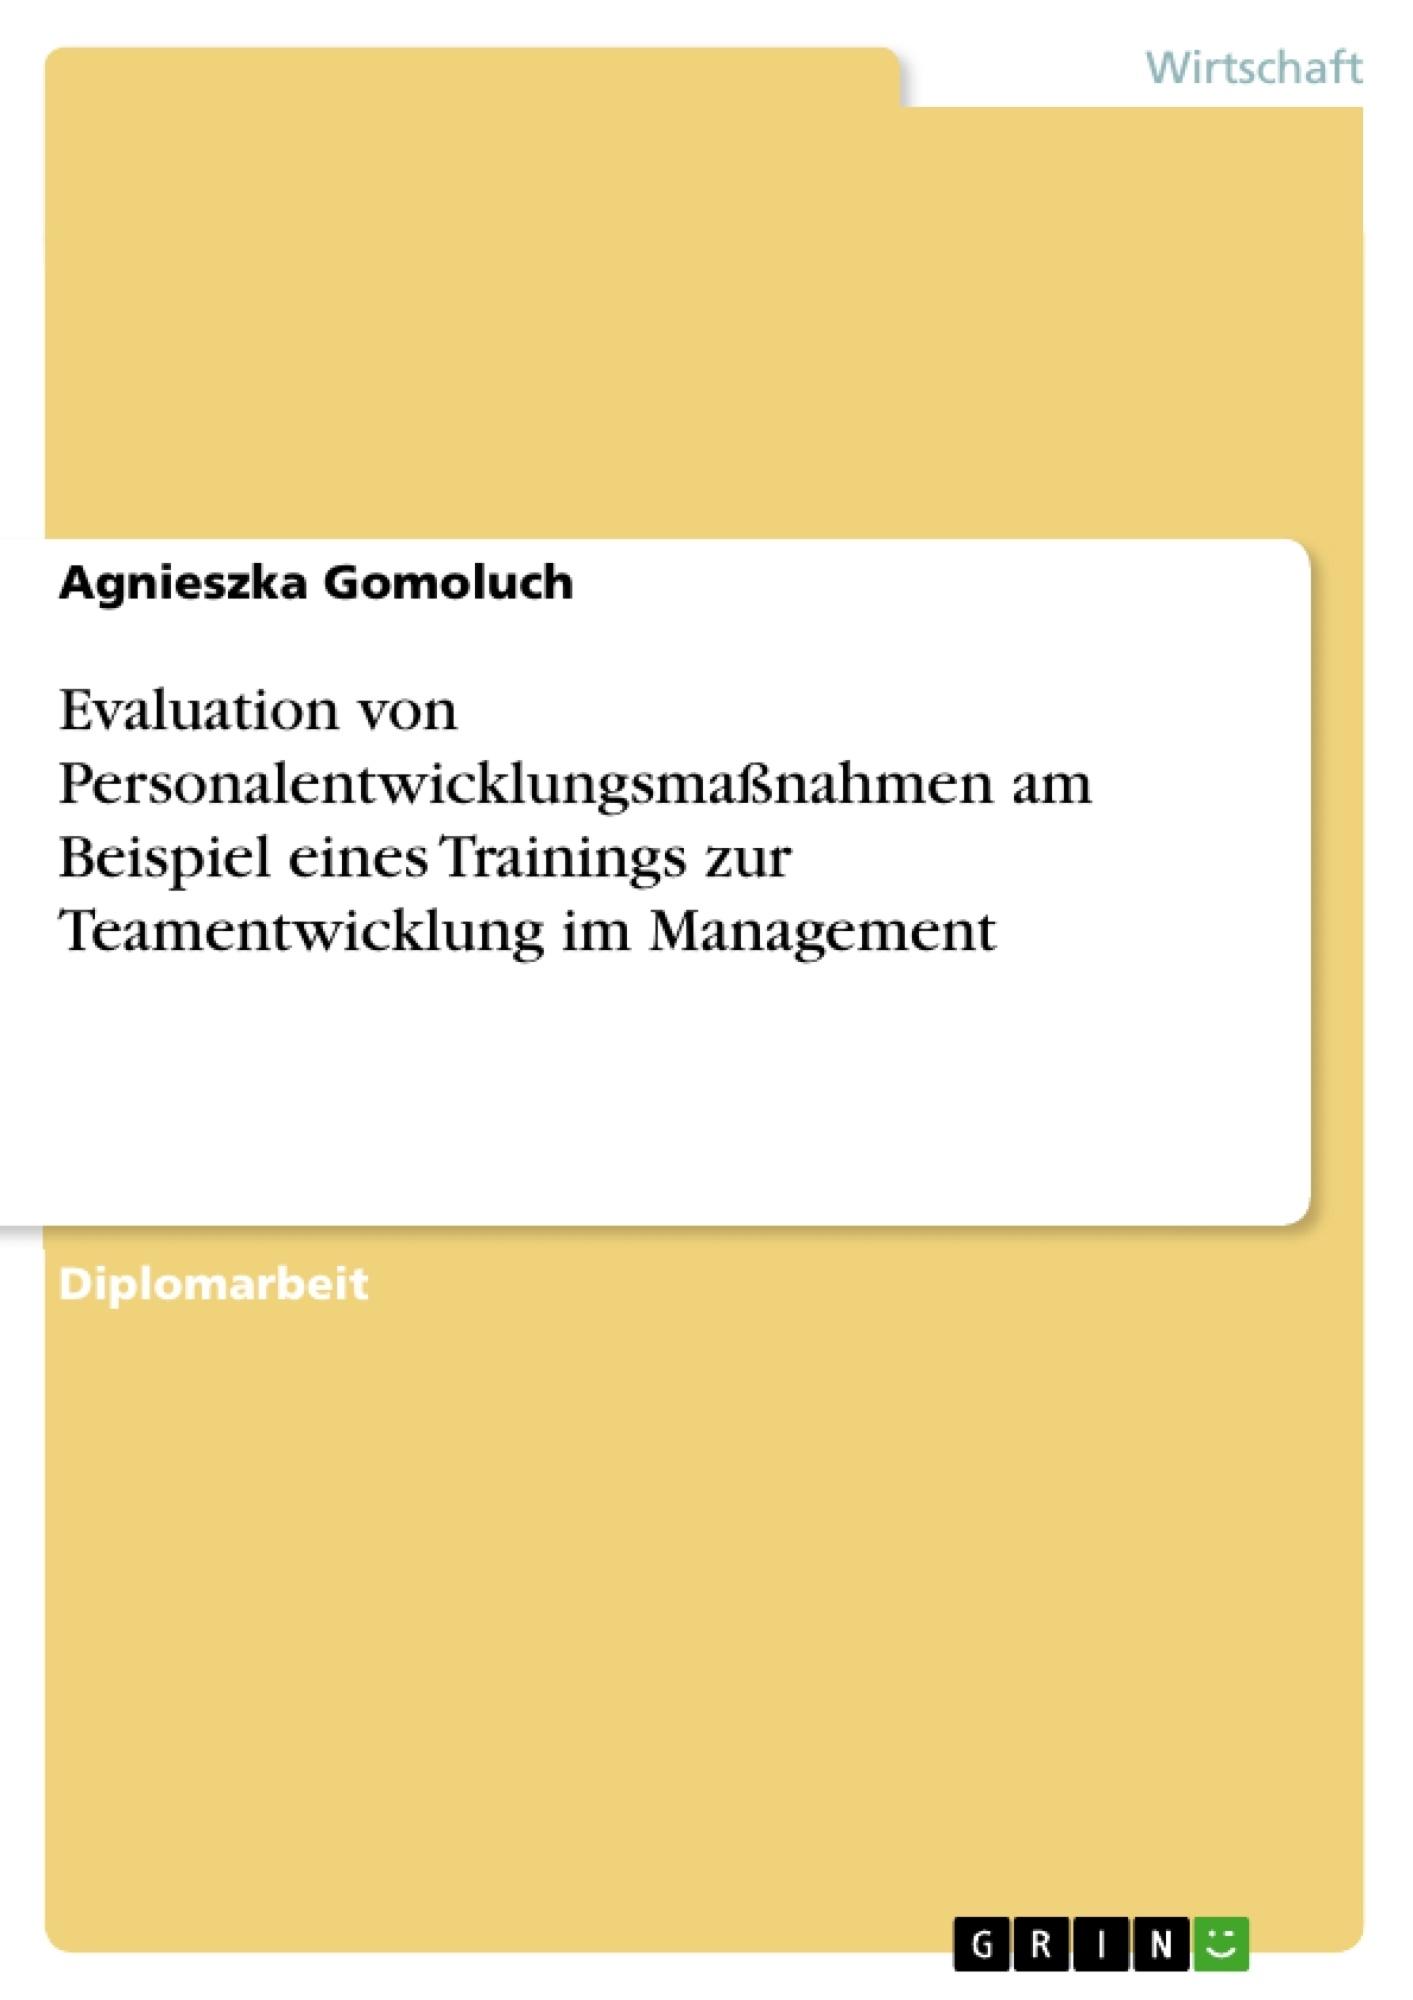 Titel: Evaluation von Personalentwicklungsmaßnahmen am Beispiel eines Trainings zur Teamentwicklung im Management